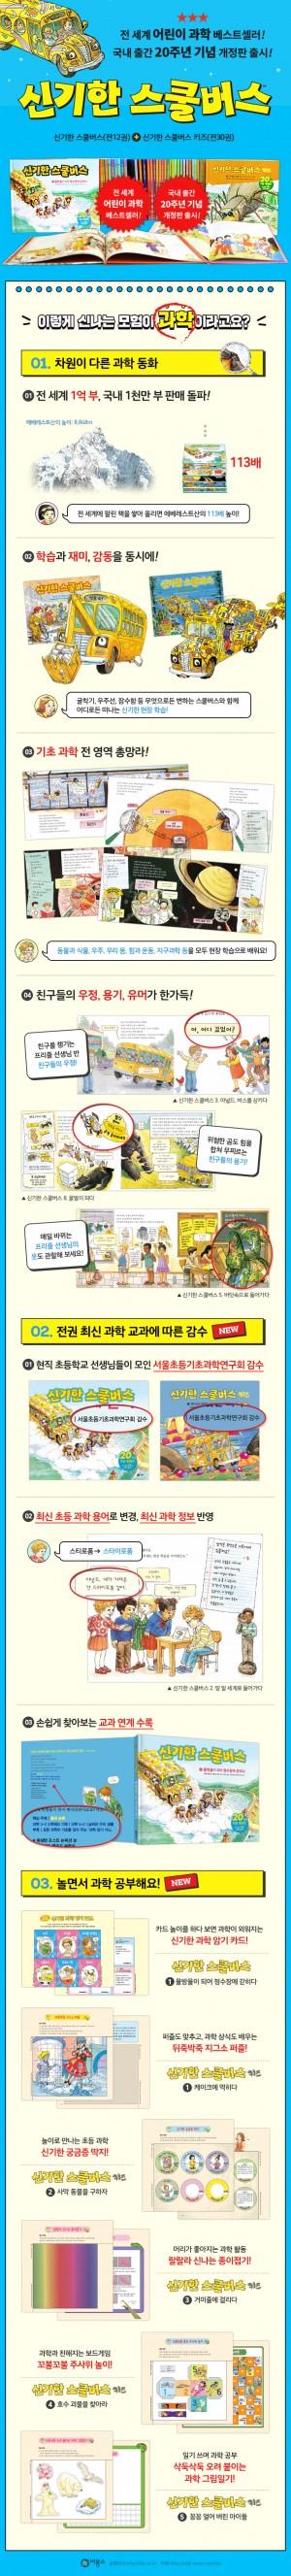 상세페이지_신기한스쿨버스오지지널+키즈(42권세트)_가격X